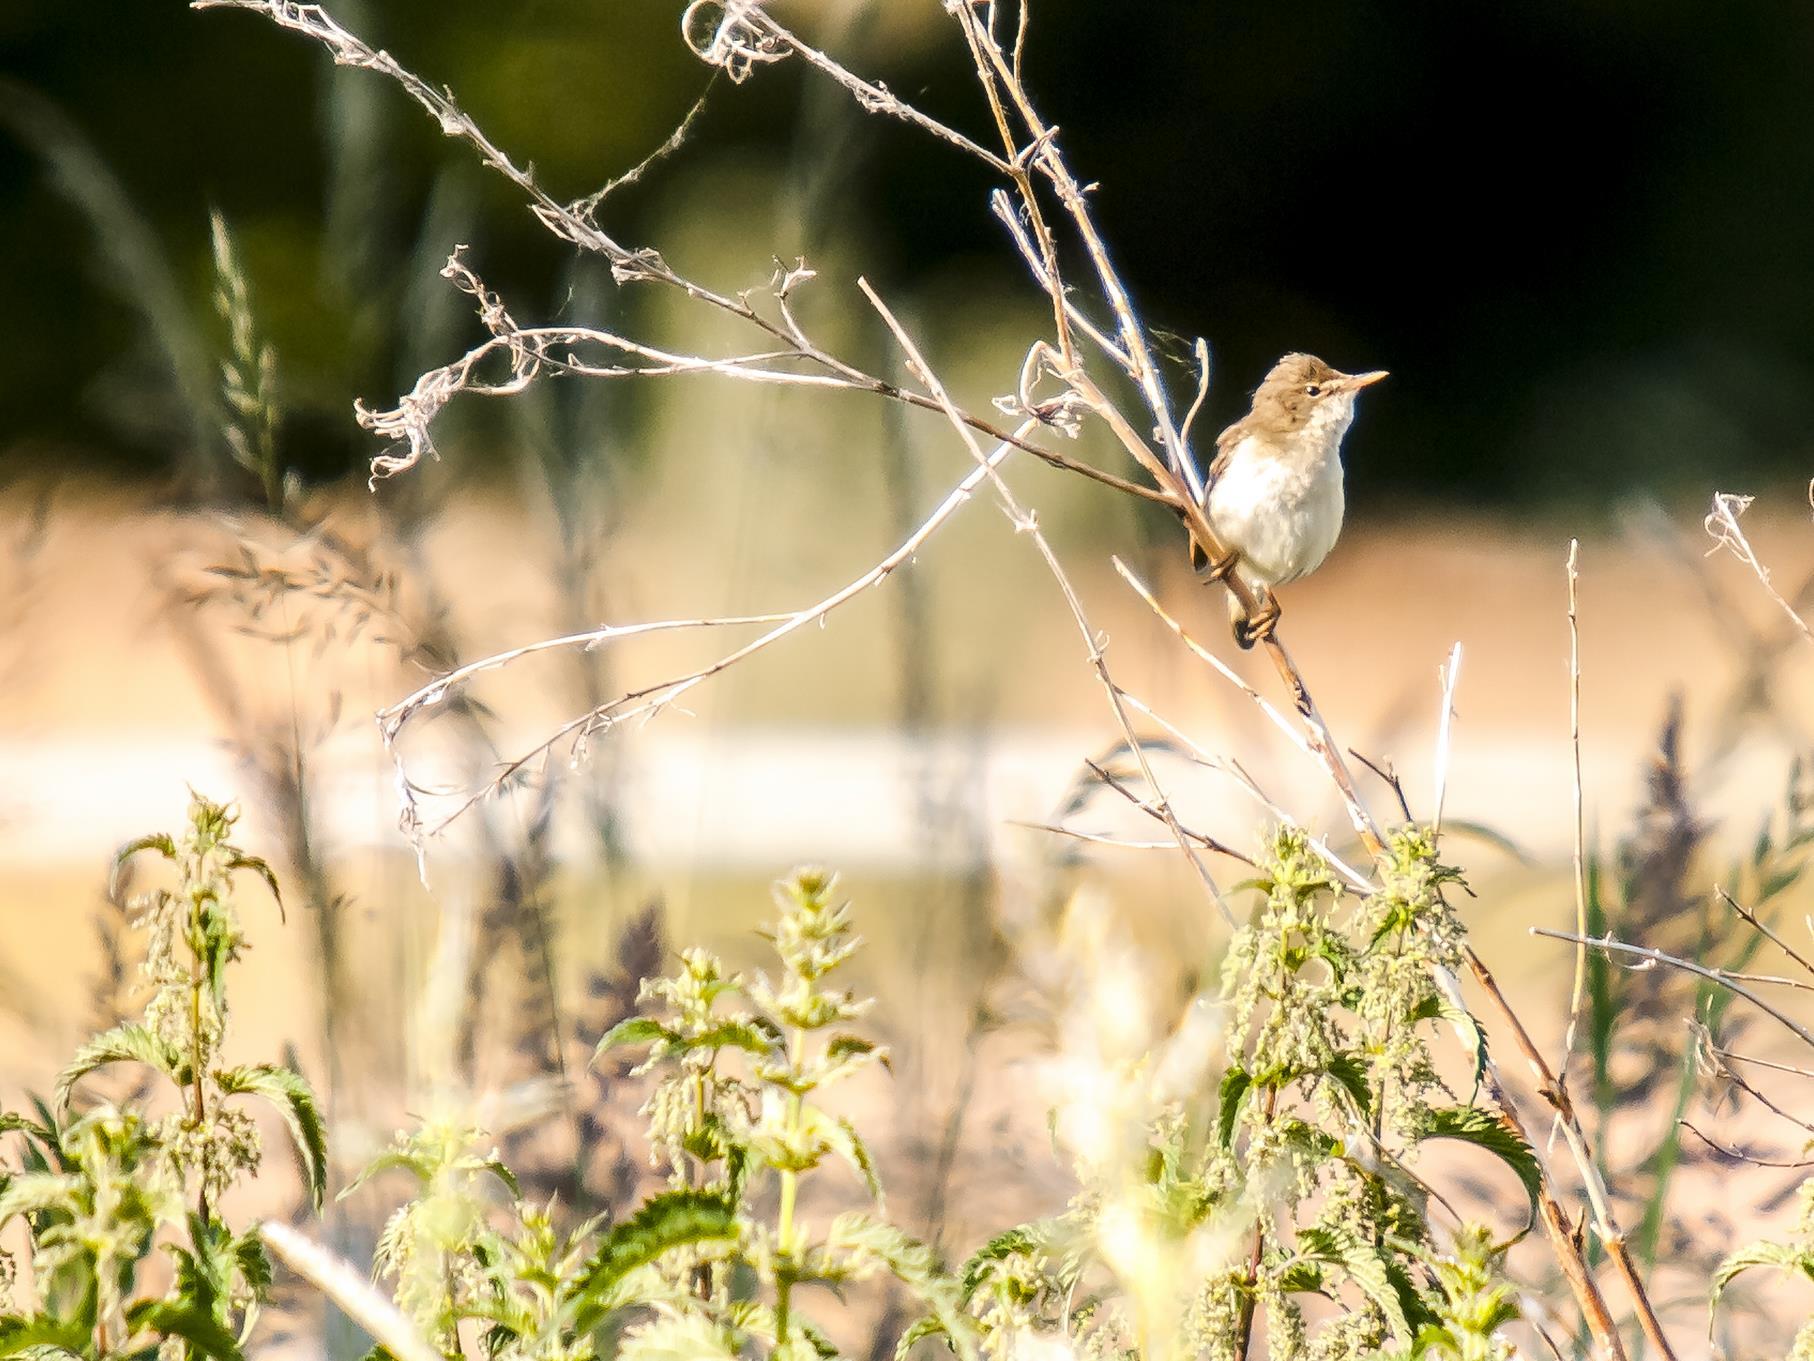 Teichrohrsänger singen in den Uferbereichen des Naturschutzgebietes.